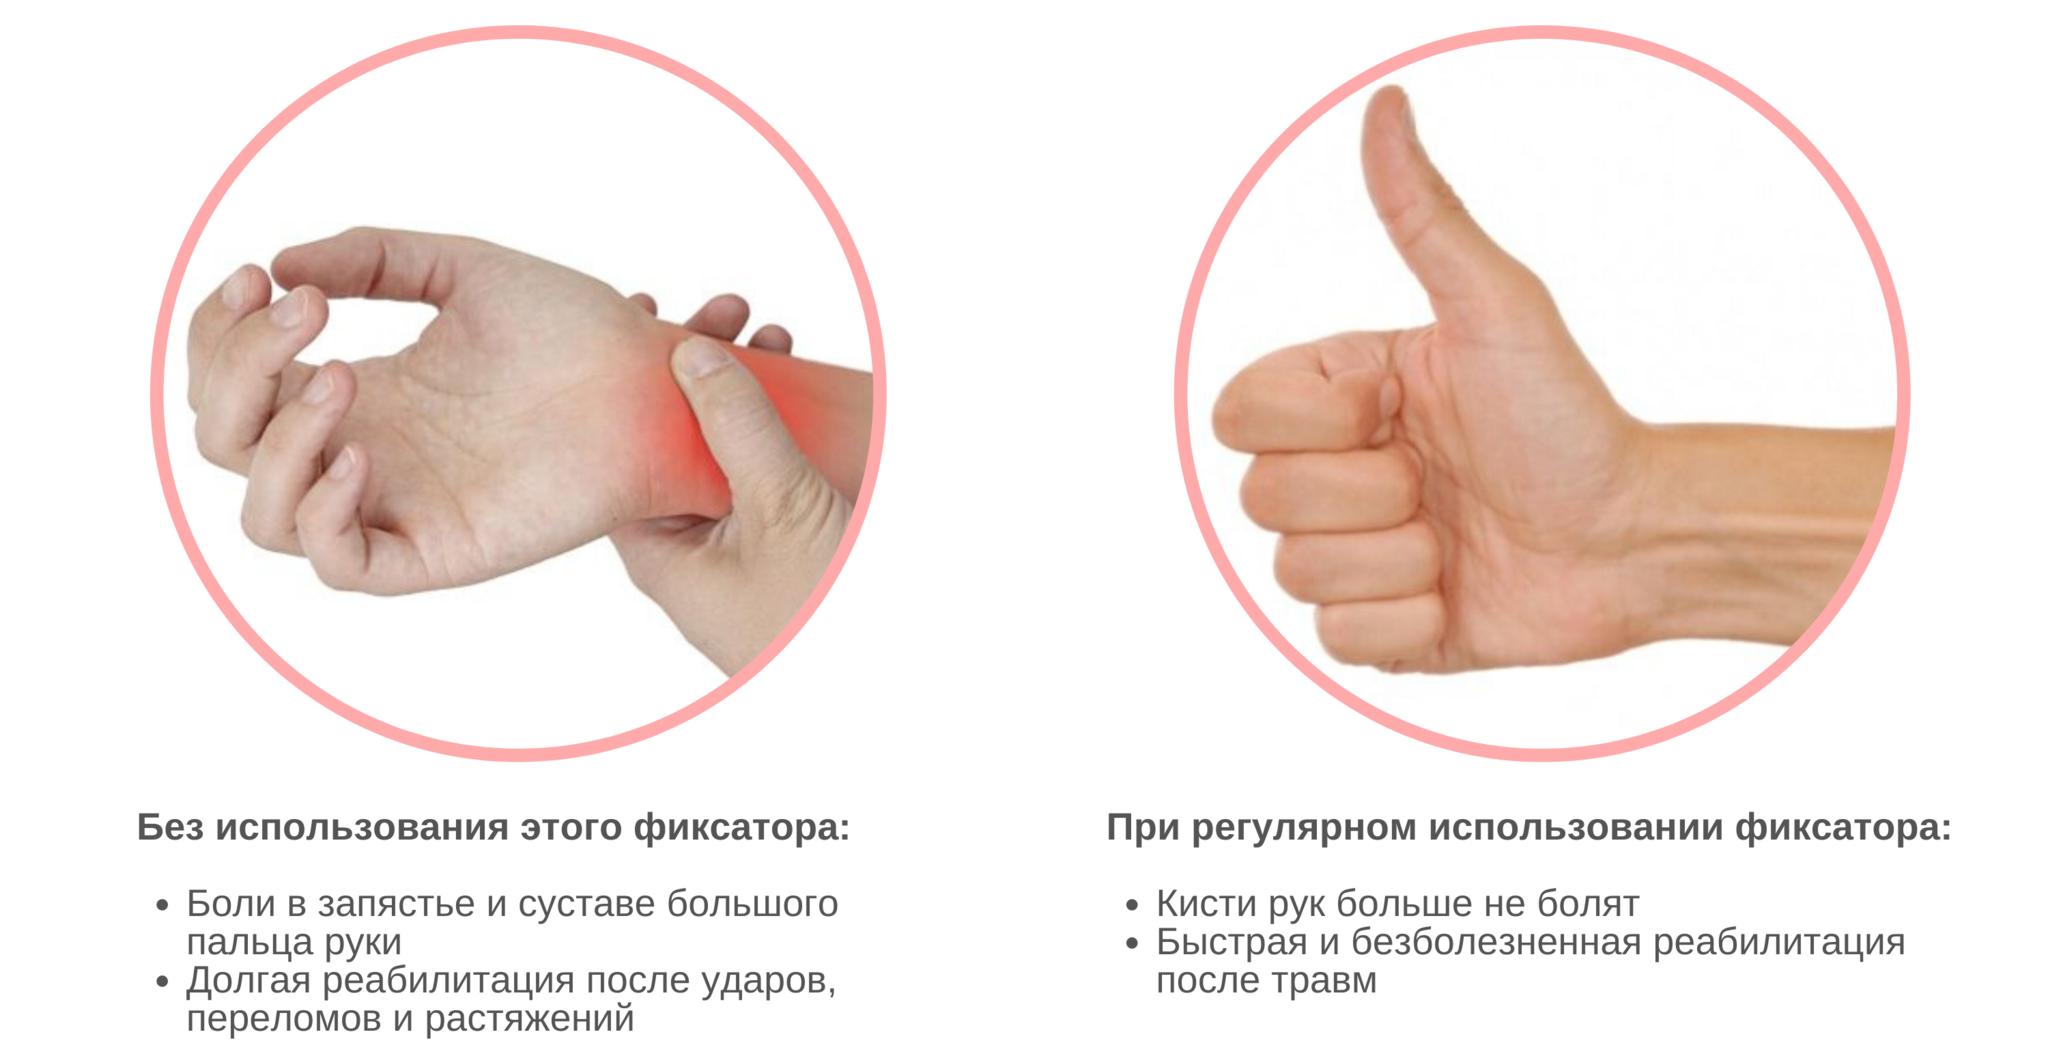 Фиксаторы для большого пальца руки с силиконовой подушечкой, 1 шт